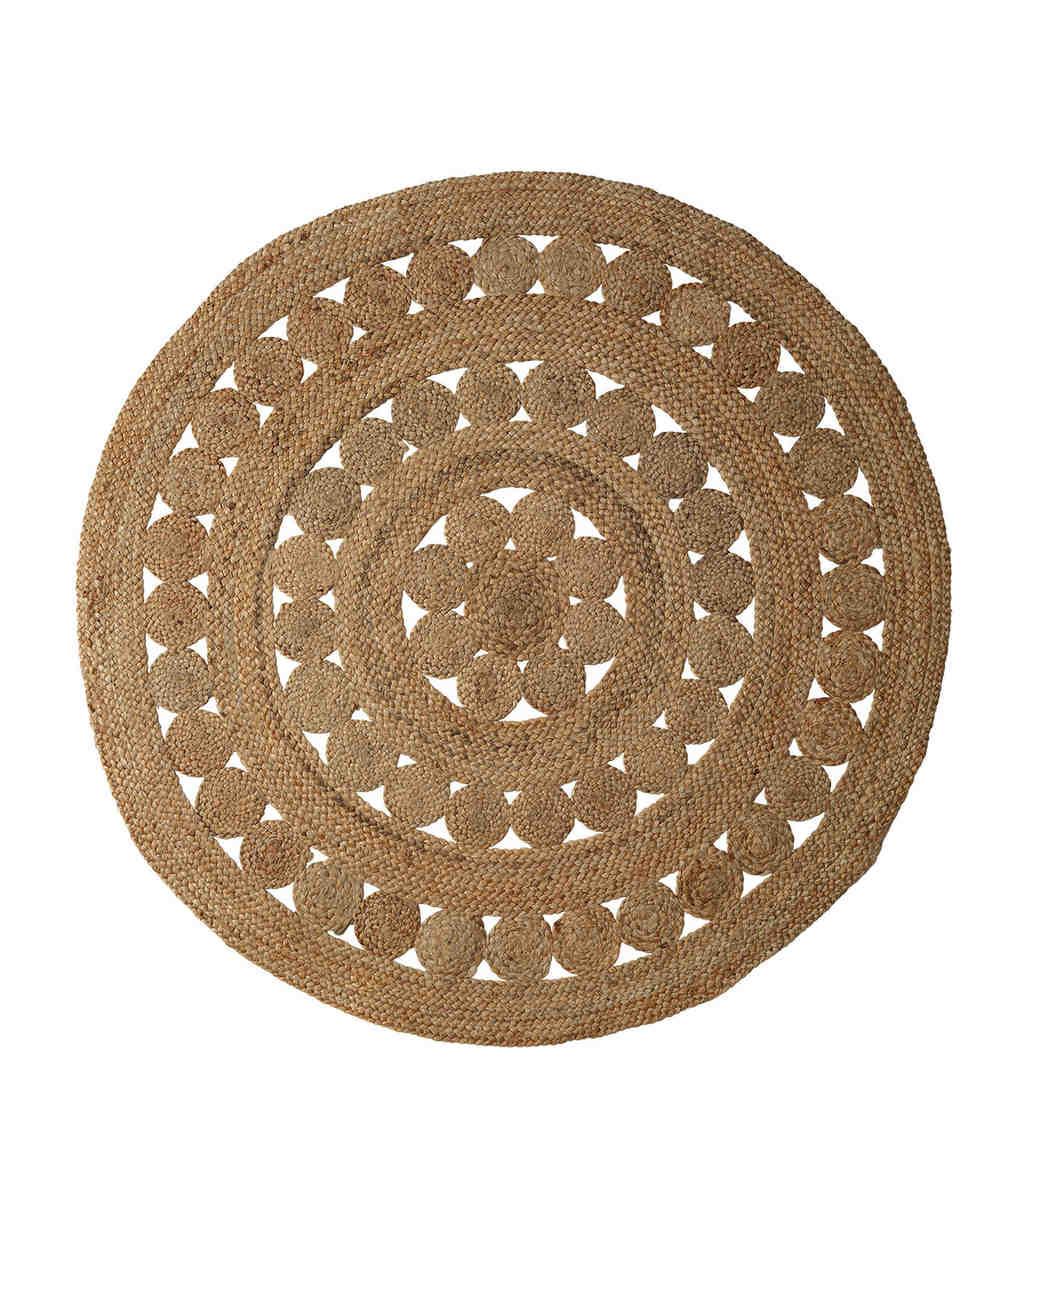 willow anniversary gift jute rug